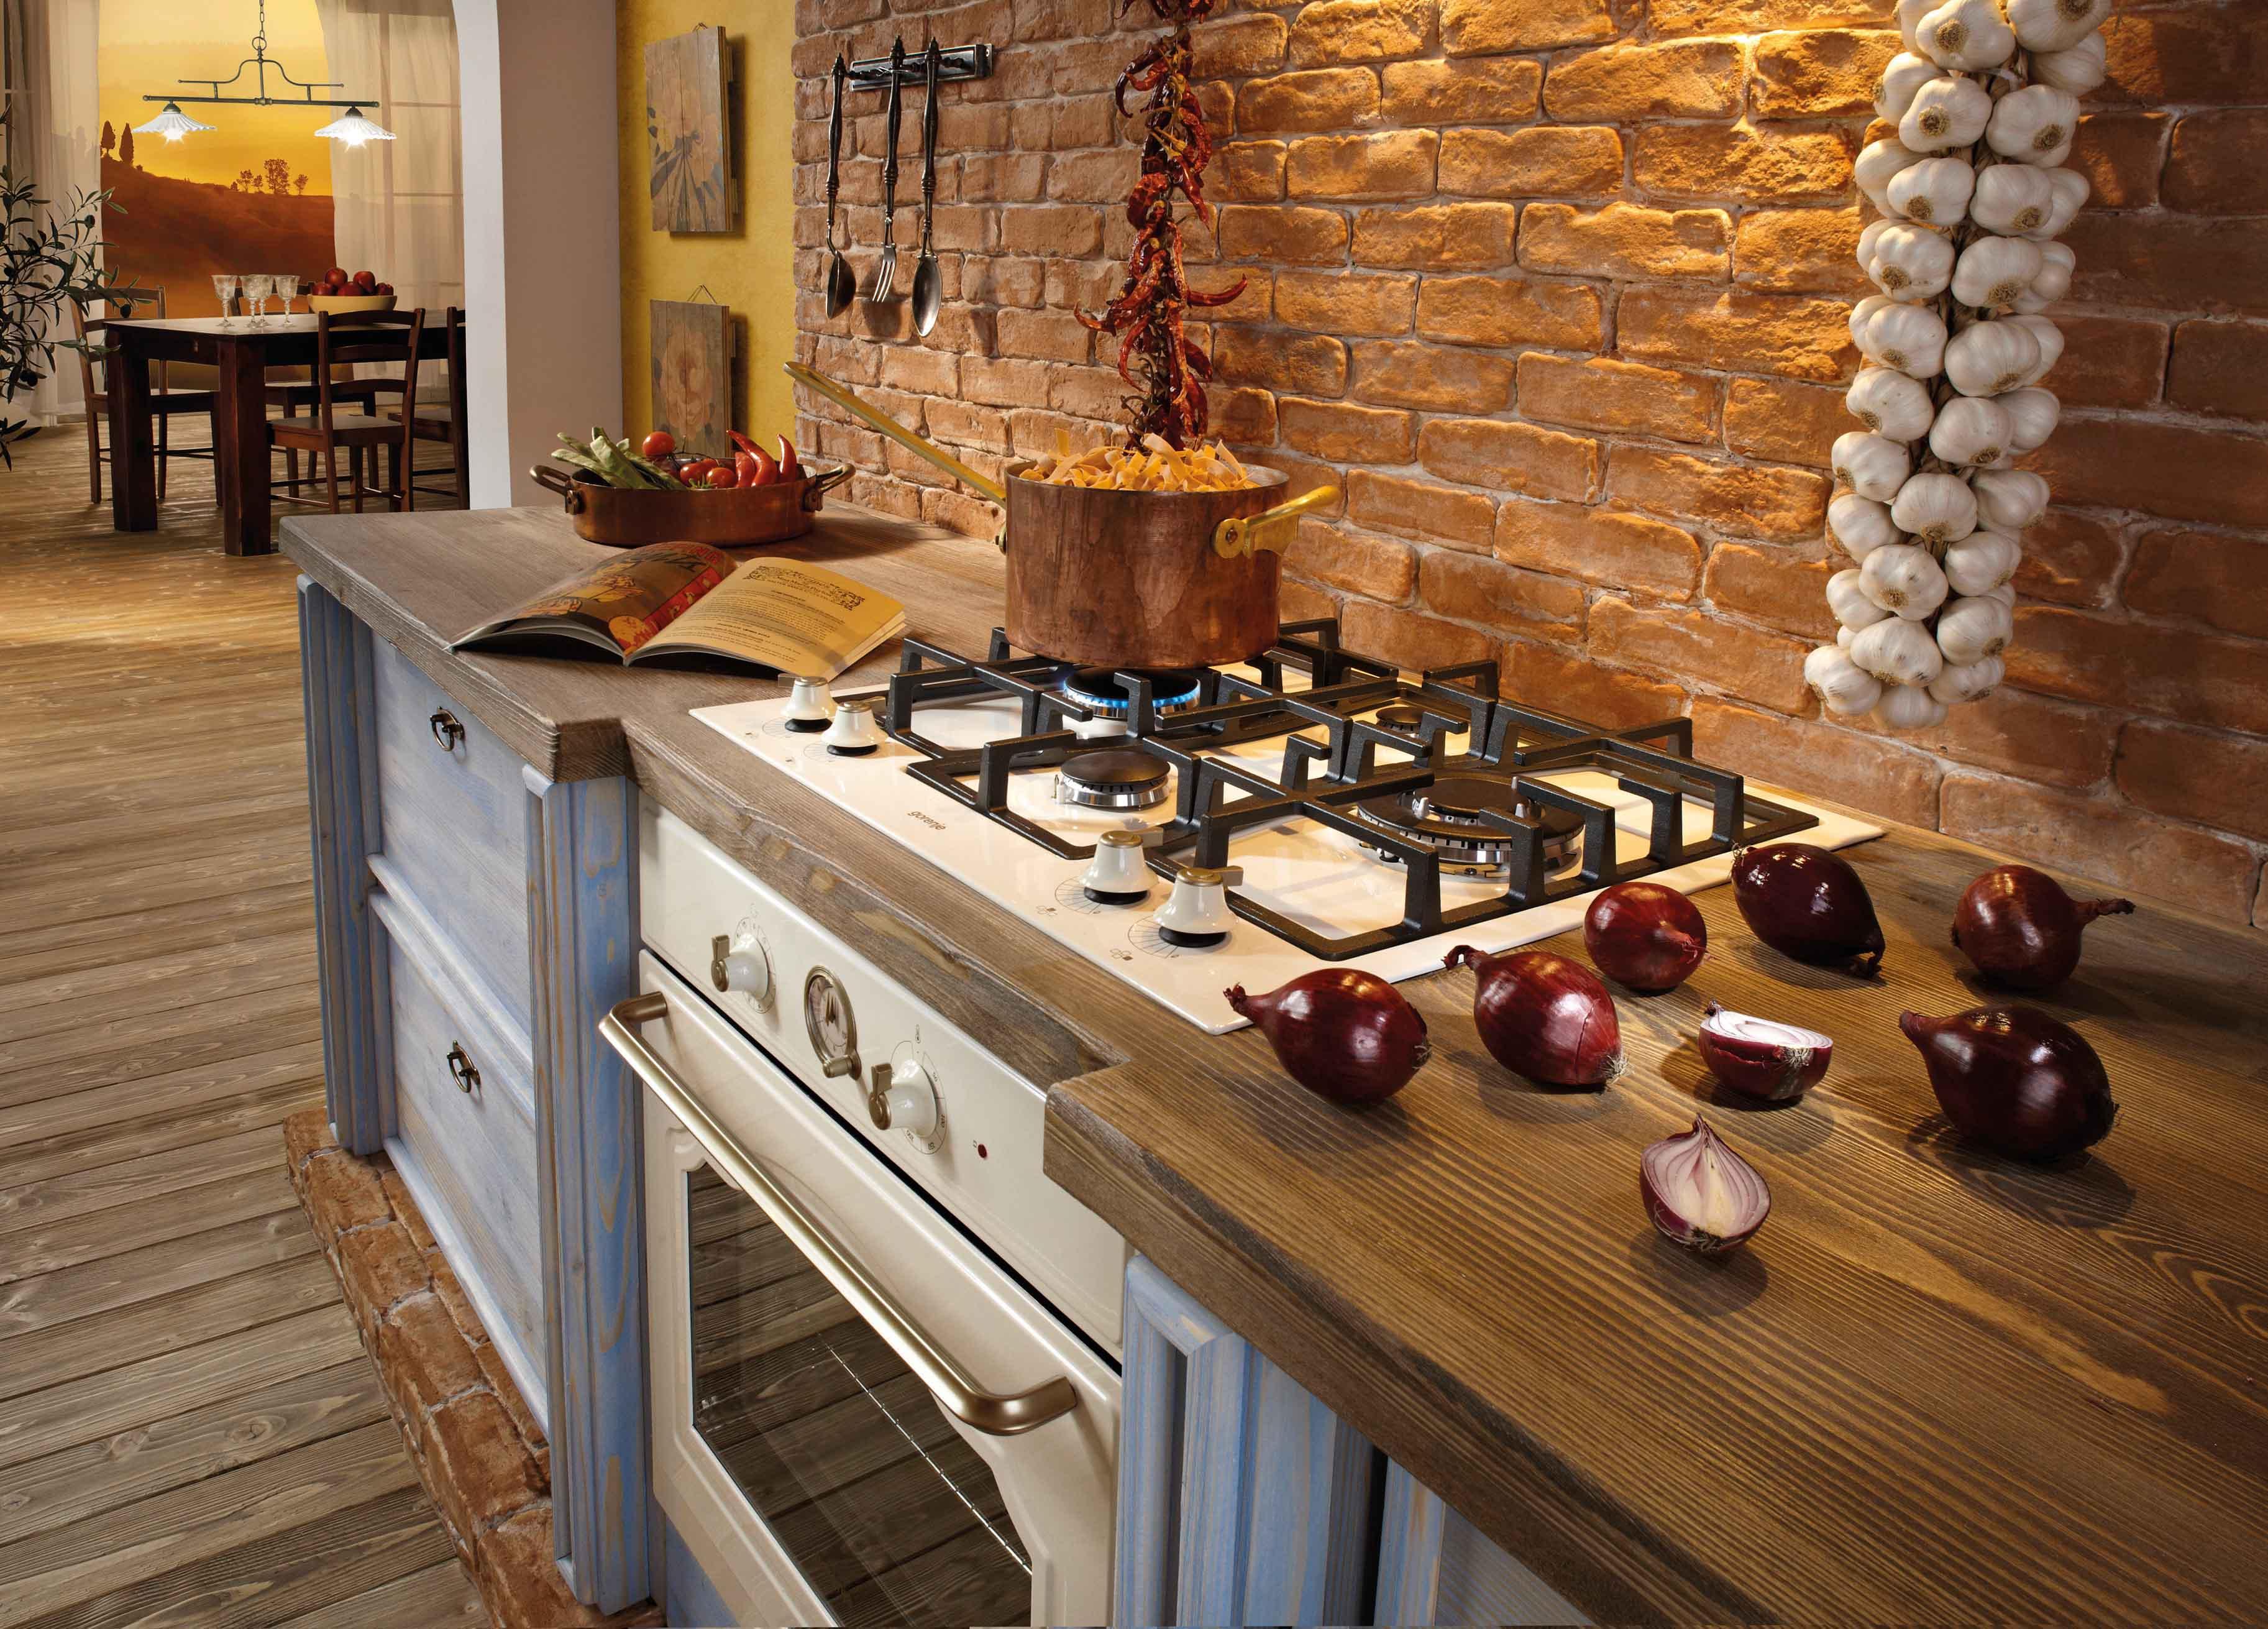 Classico di gorenje cucine freestanding piani cottura e for Piani domestici di vecchio stile